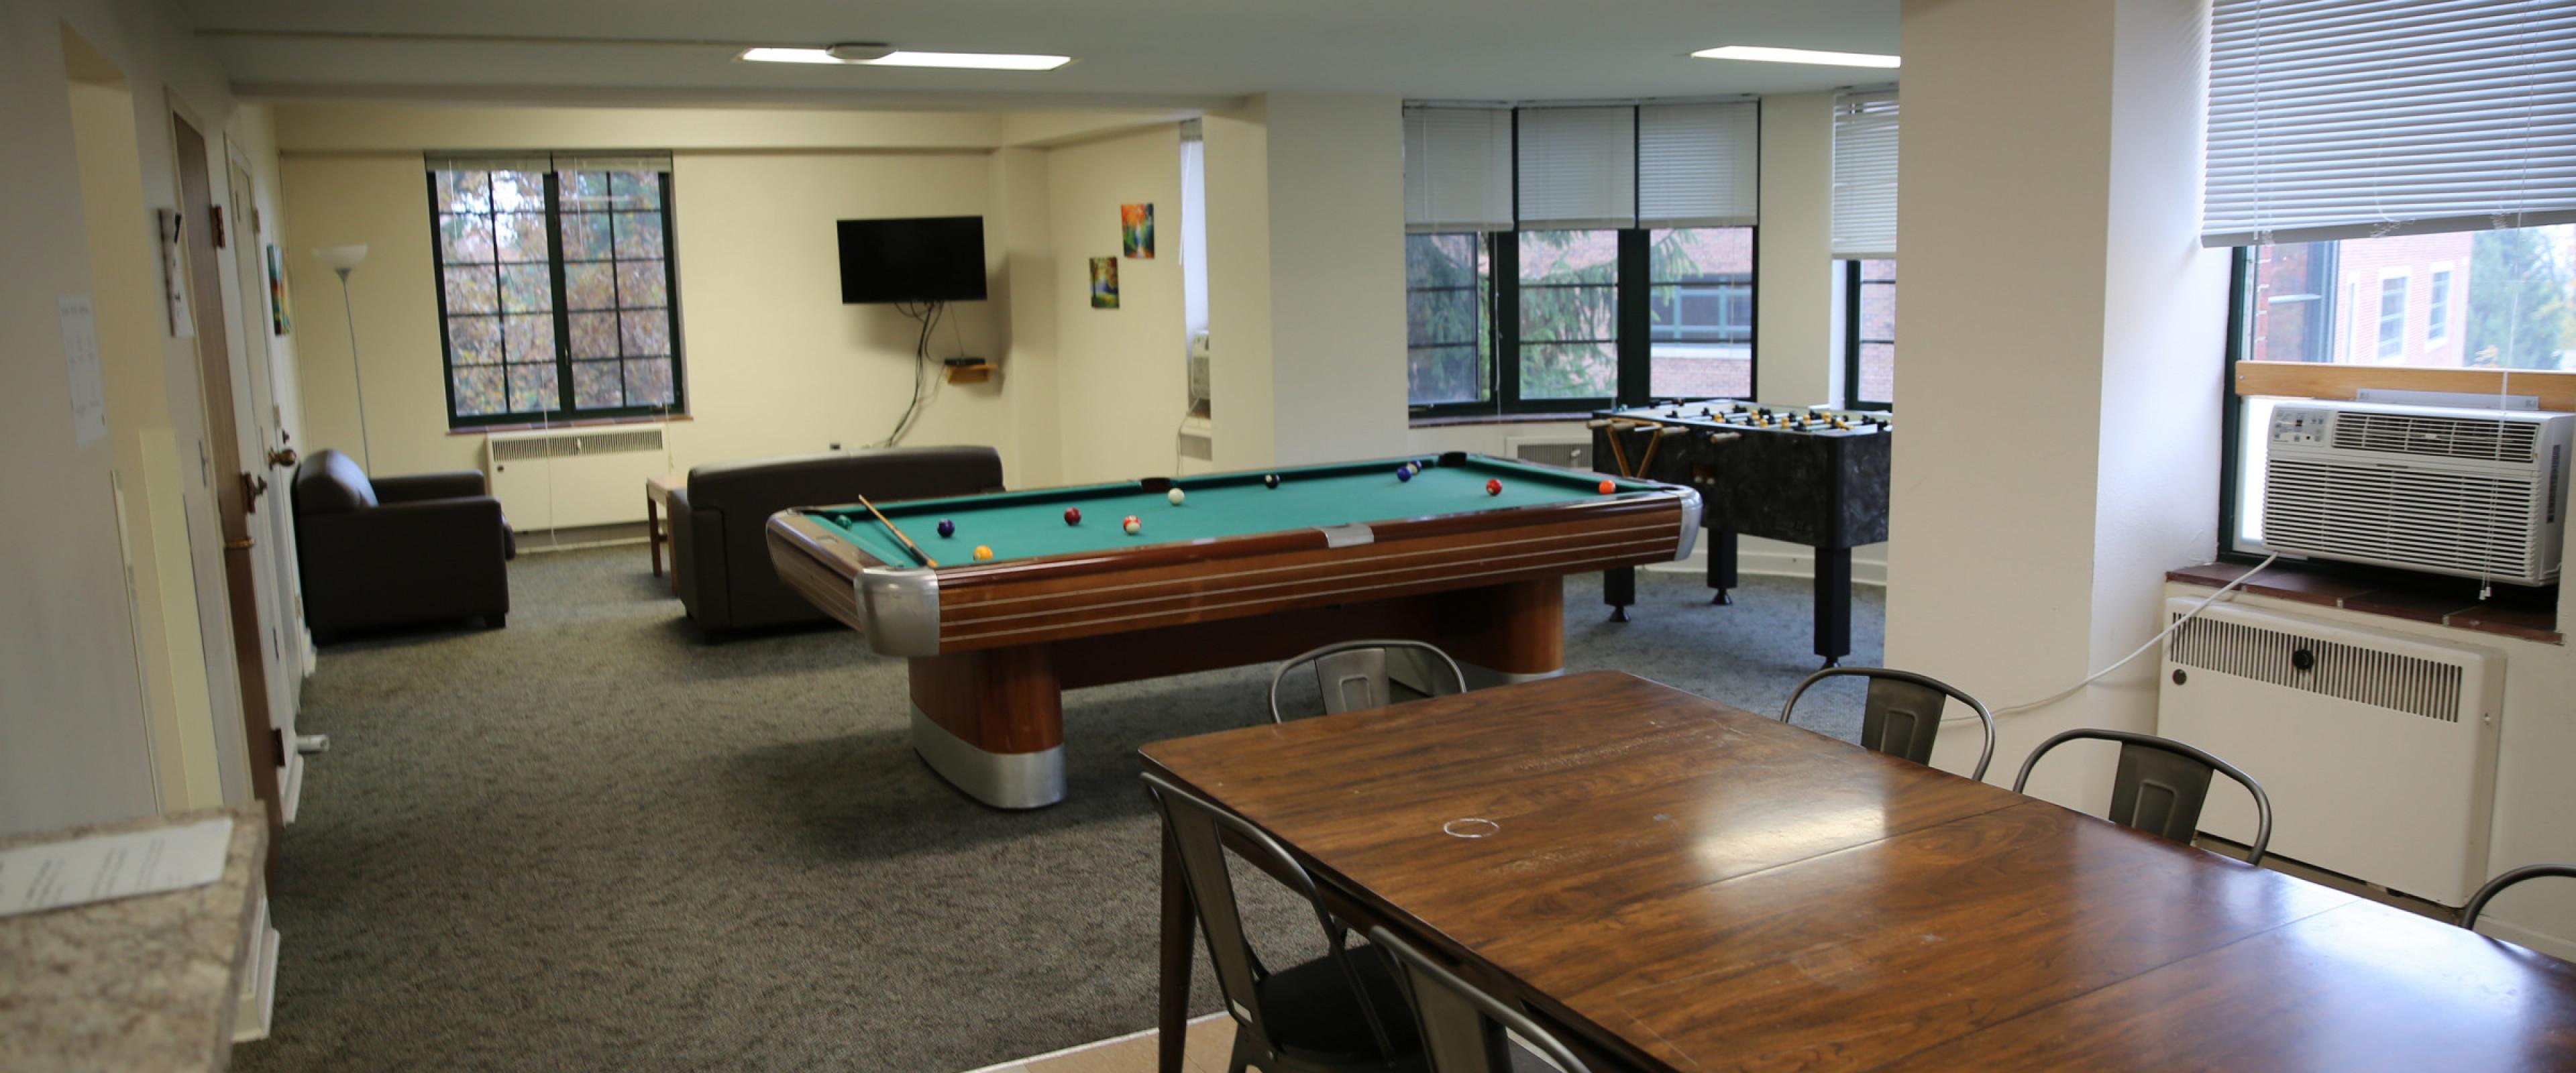 Spindler Game room